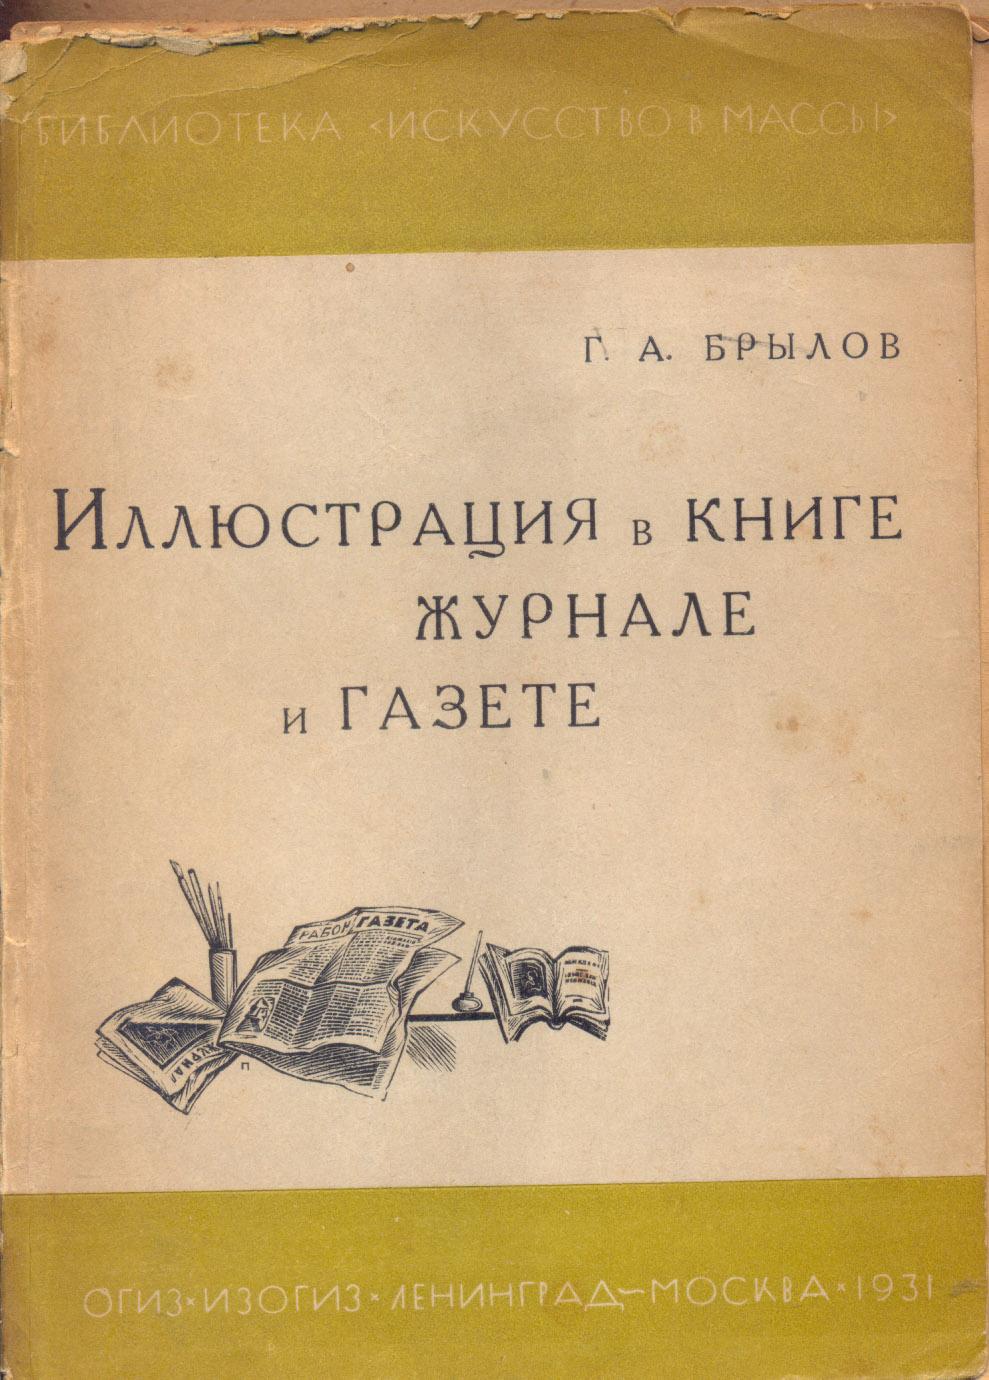 иллюстрация в книге обл.jpg